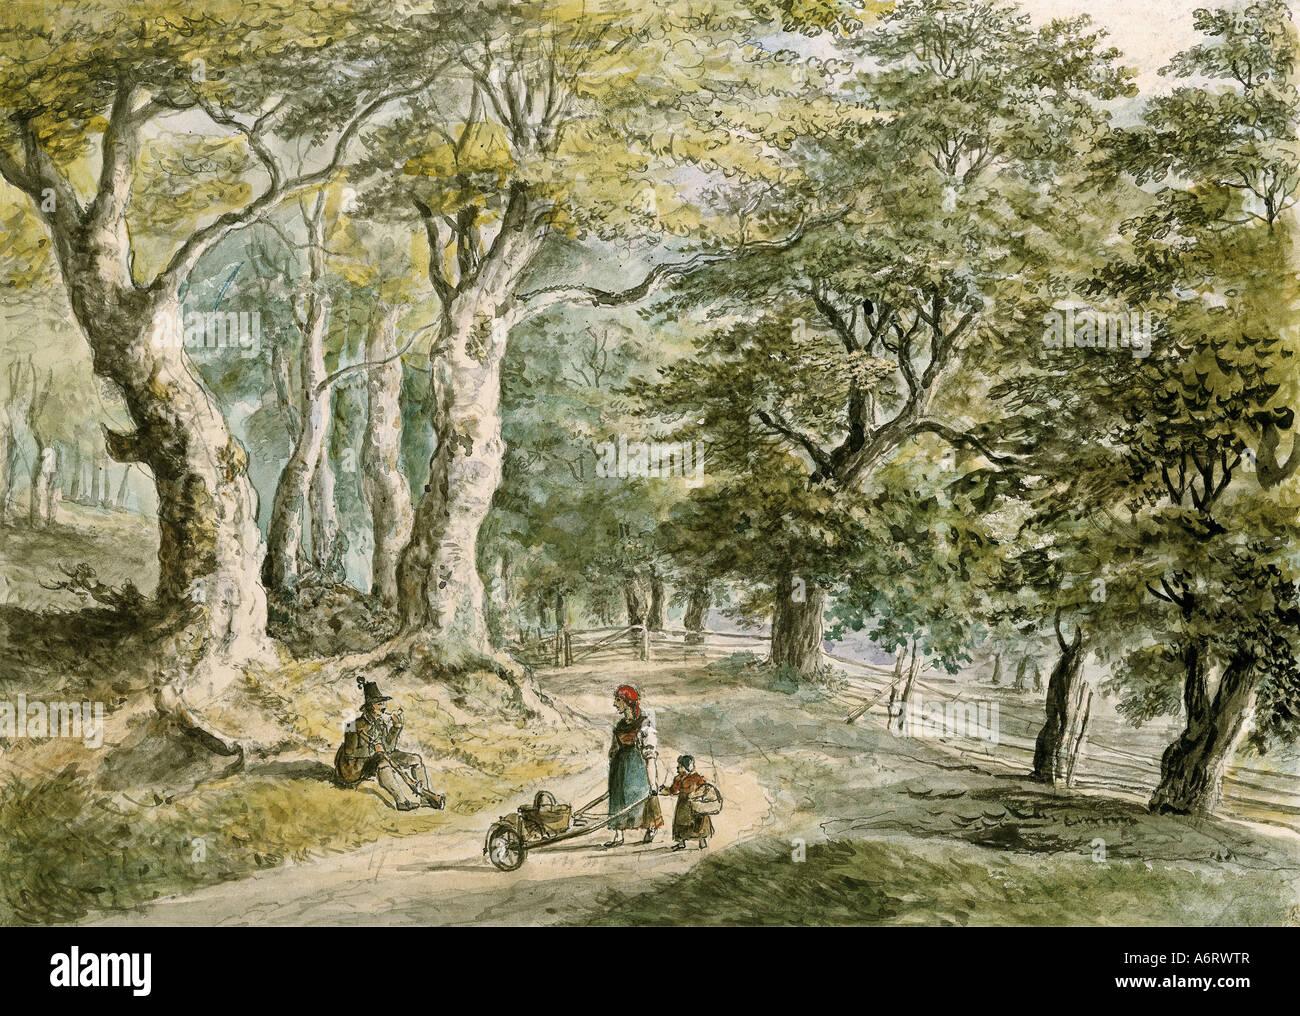 Beaux-arts, Dorner, Johann Jakob, le jeune (1775 - 1852), Forrest près de Dietramszell, aquarelle, 21,6x30 cm, private Banque D'Images